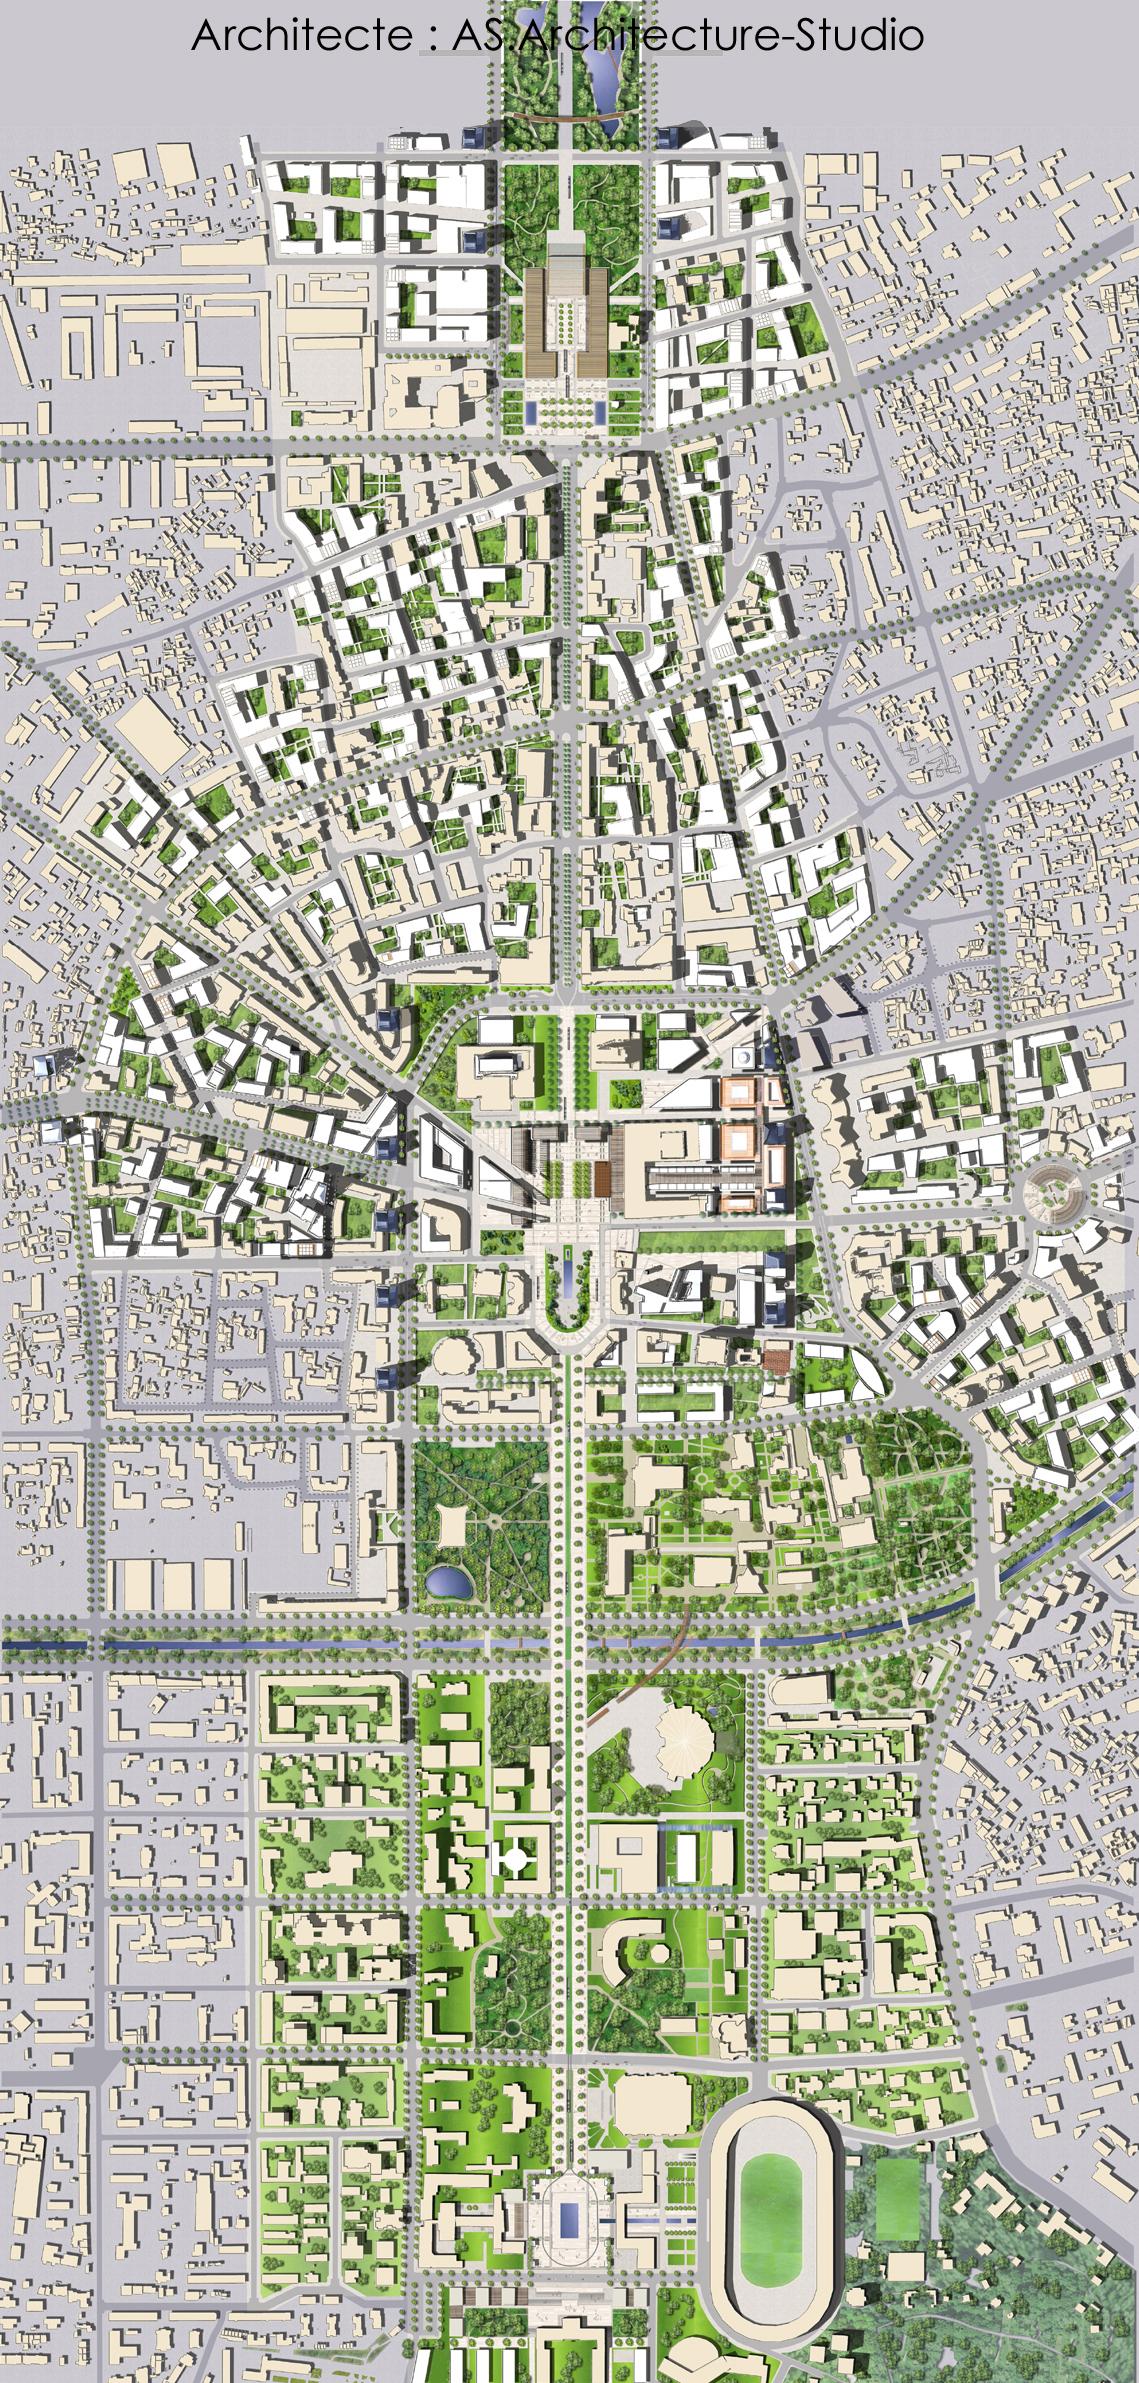 File:Master plan du Centre ville de Tirana, Albanie, par AS